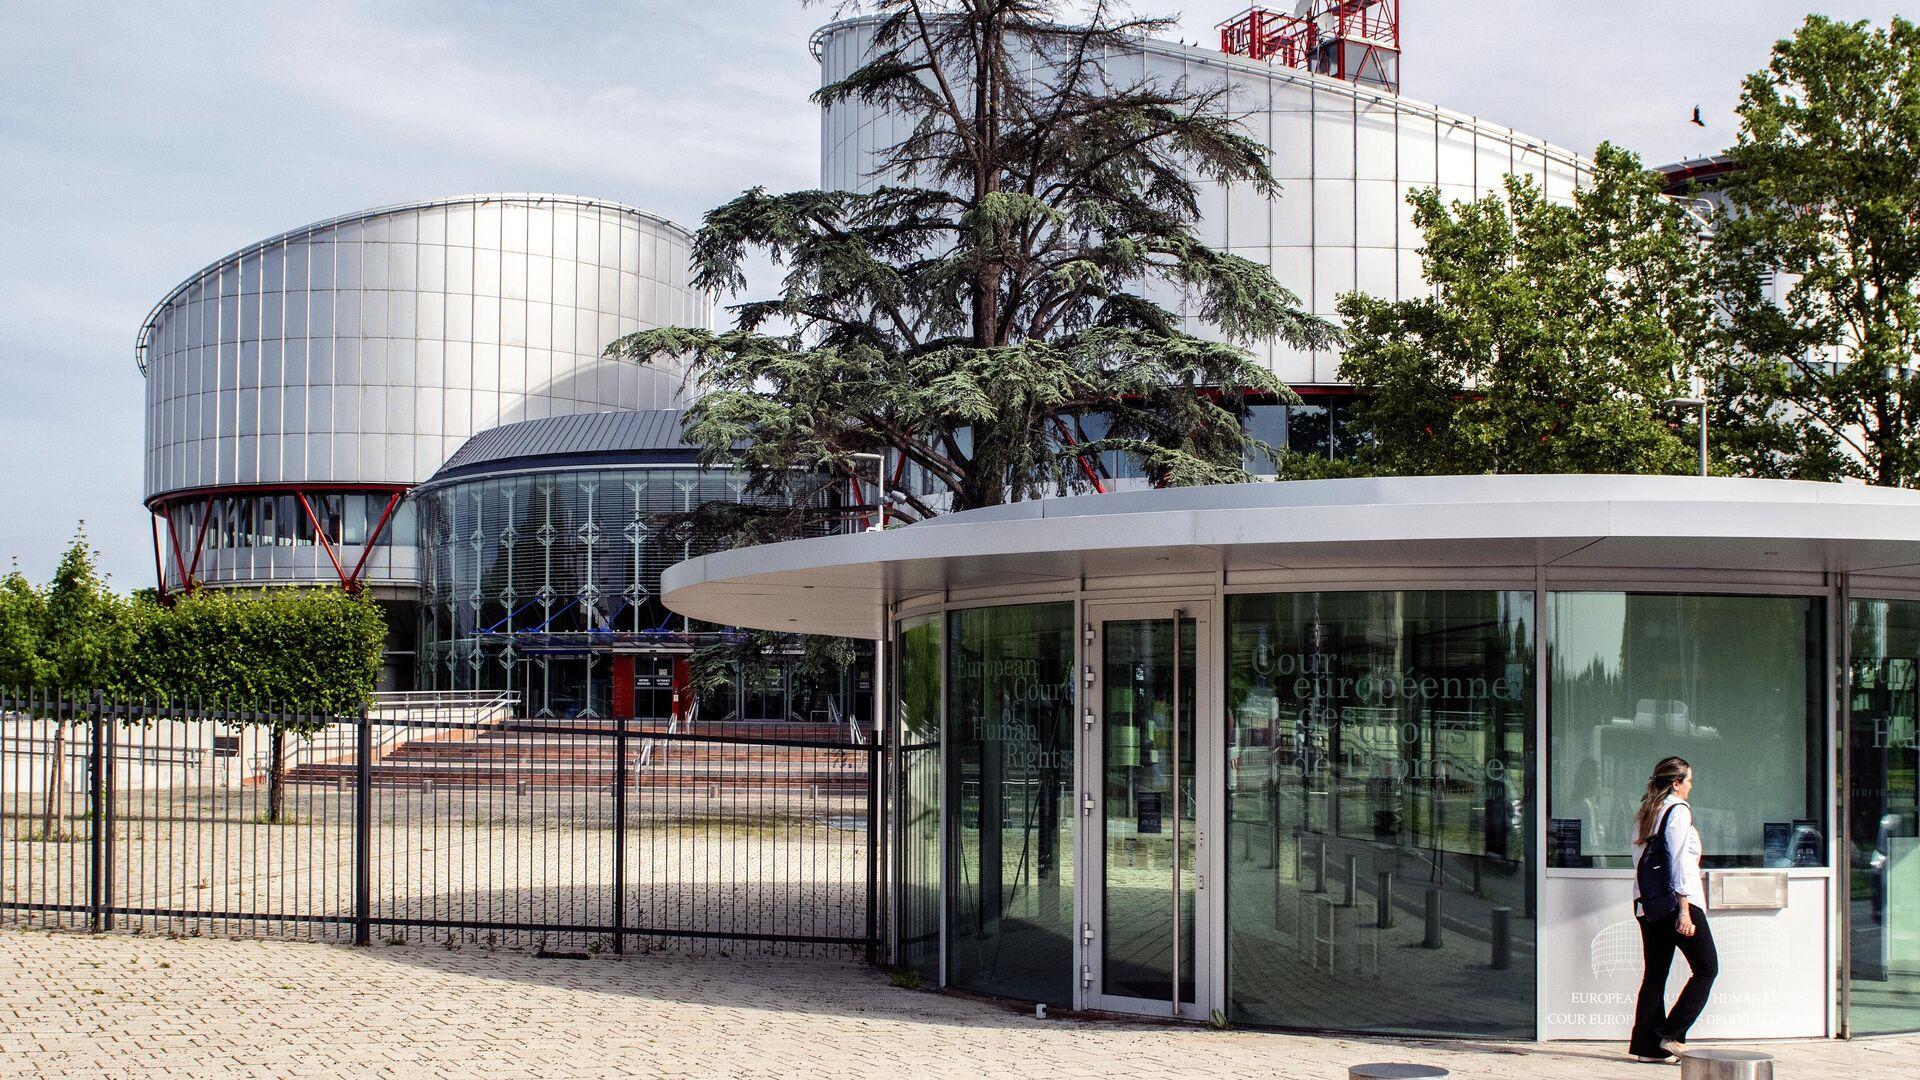 Здание Европейского суда по правам человека (ЕСПЧ) в Страсбурге - РИА Новости, 1920, 31.08.2021